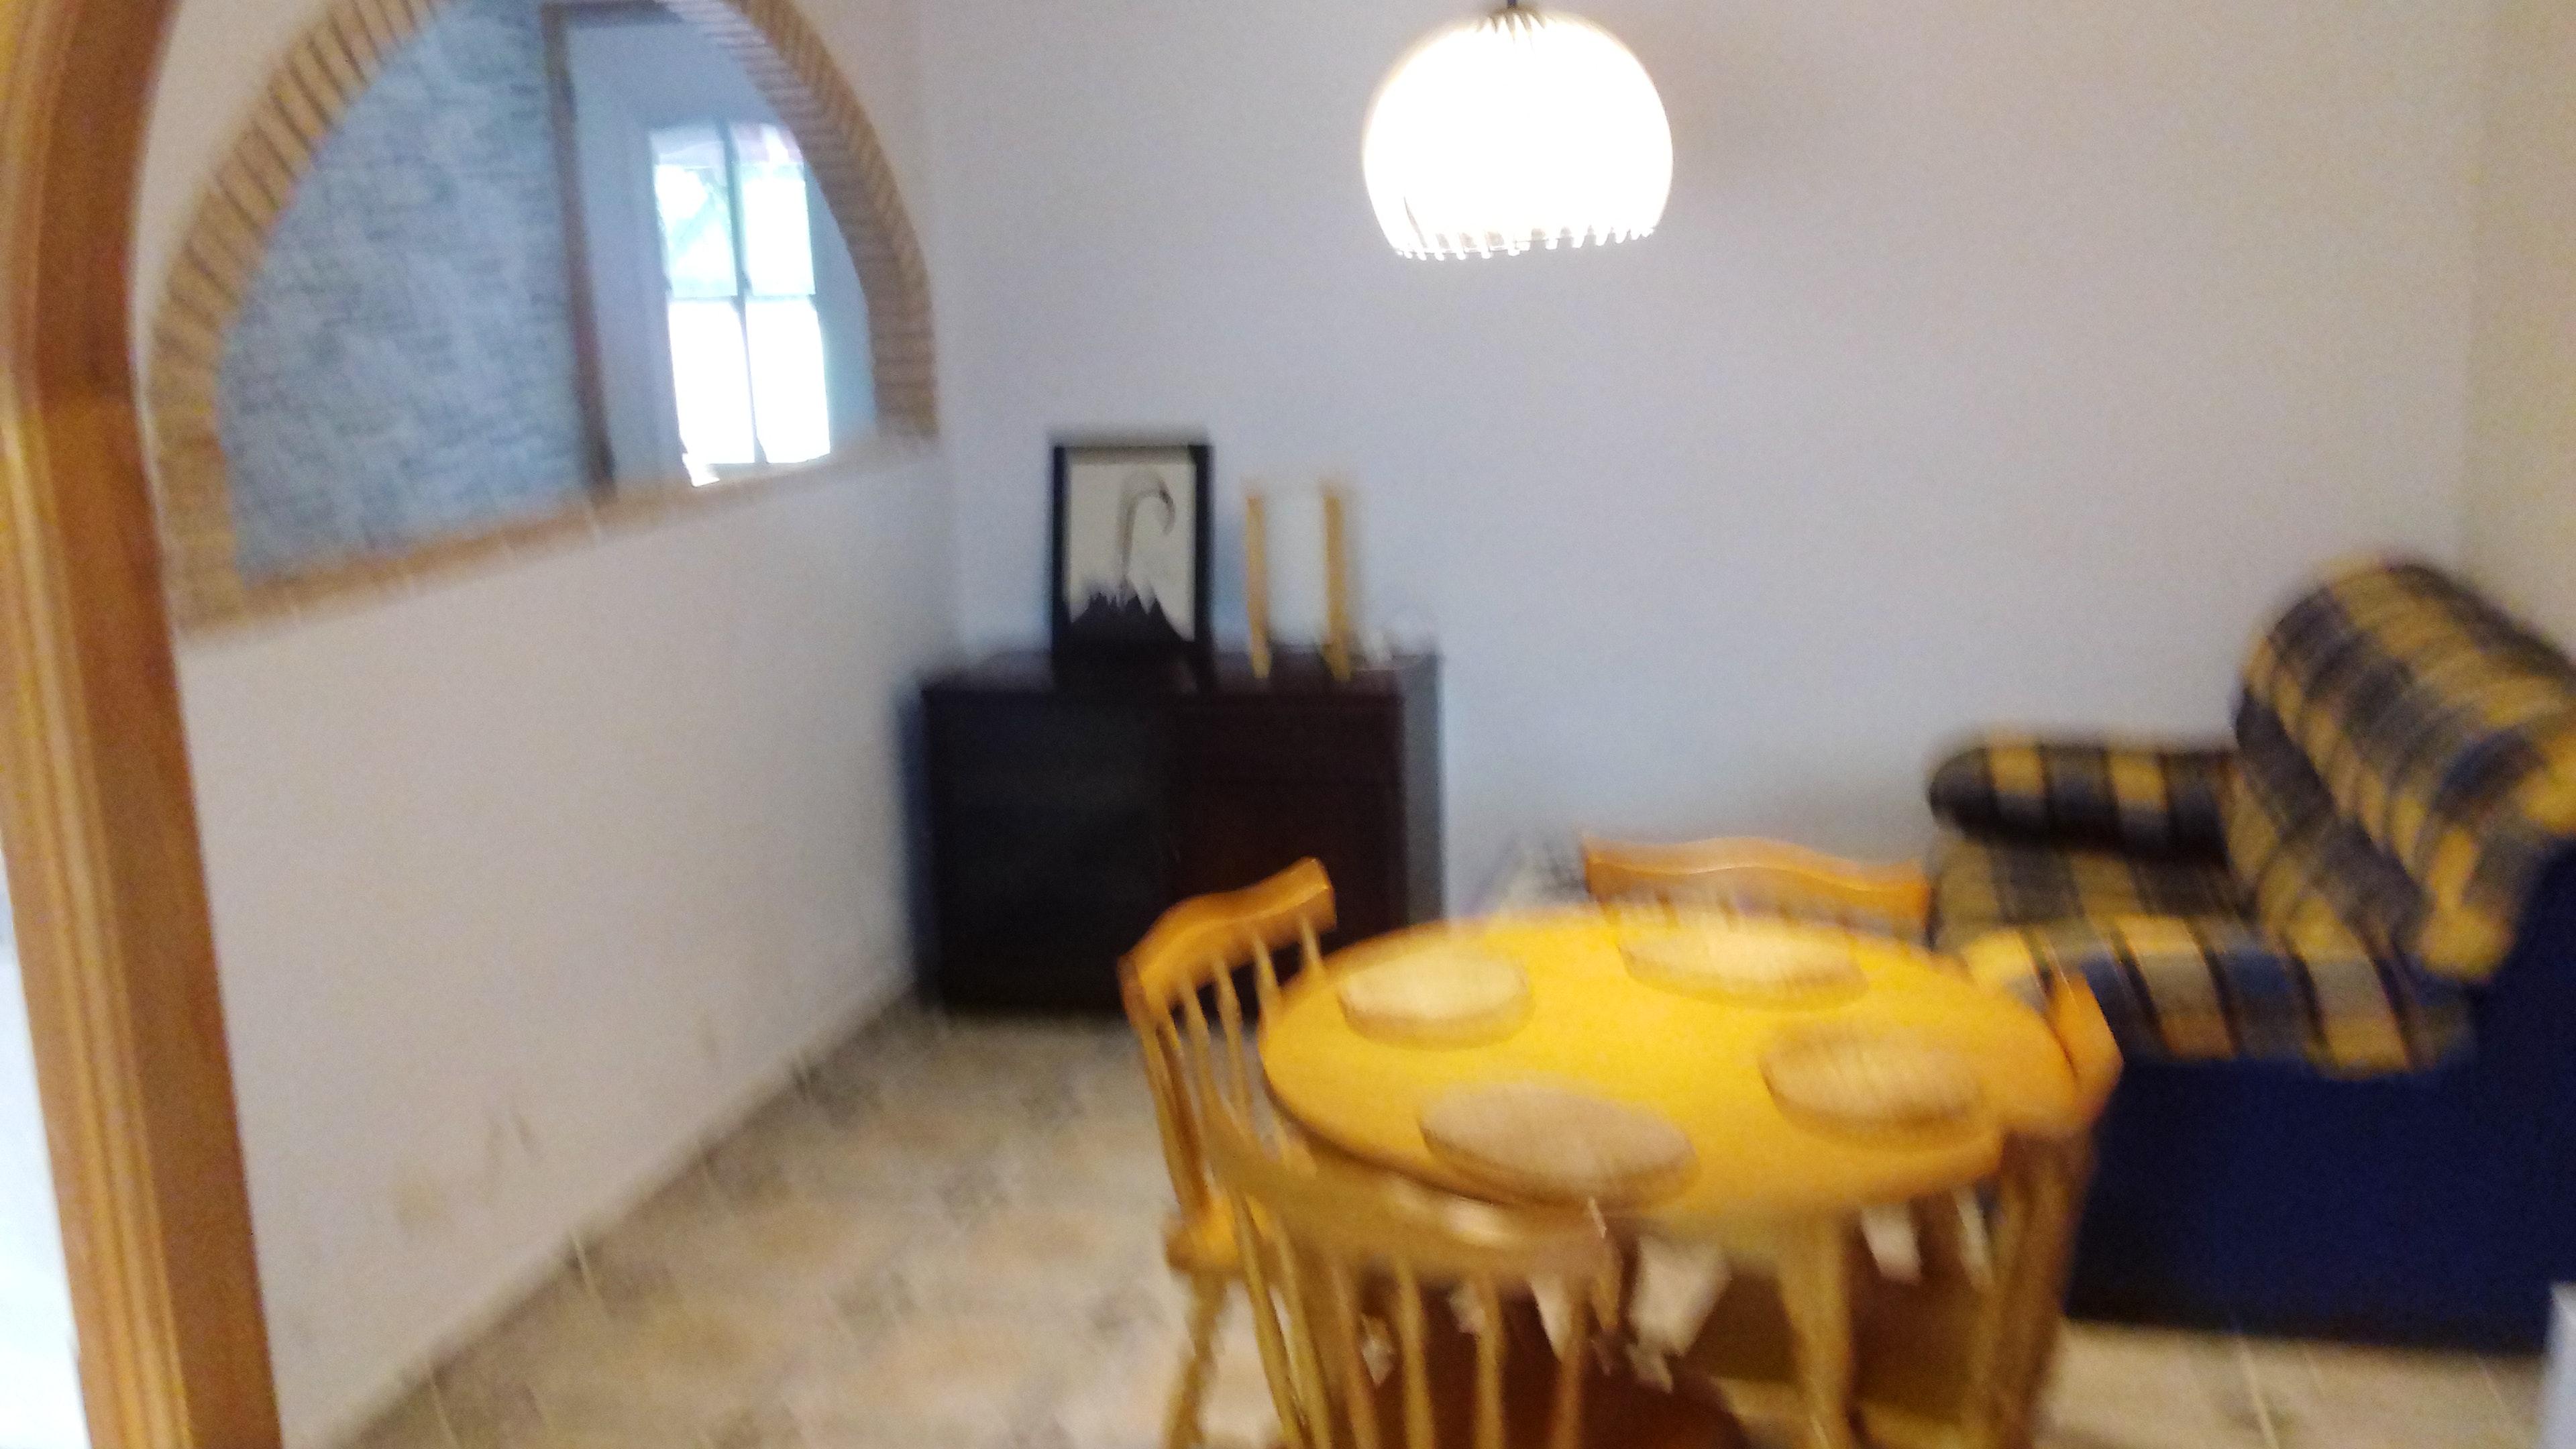 Appartement de vacances Wohnung mit 2 Schlafzimmern in Mazarrón mit toller Aussicht auf die Berge, privatem Pool,  (2632538), Mazarron, Costa Calida, Murcie, Espagne, image 20